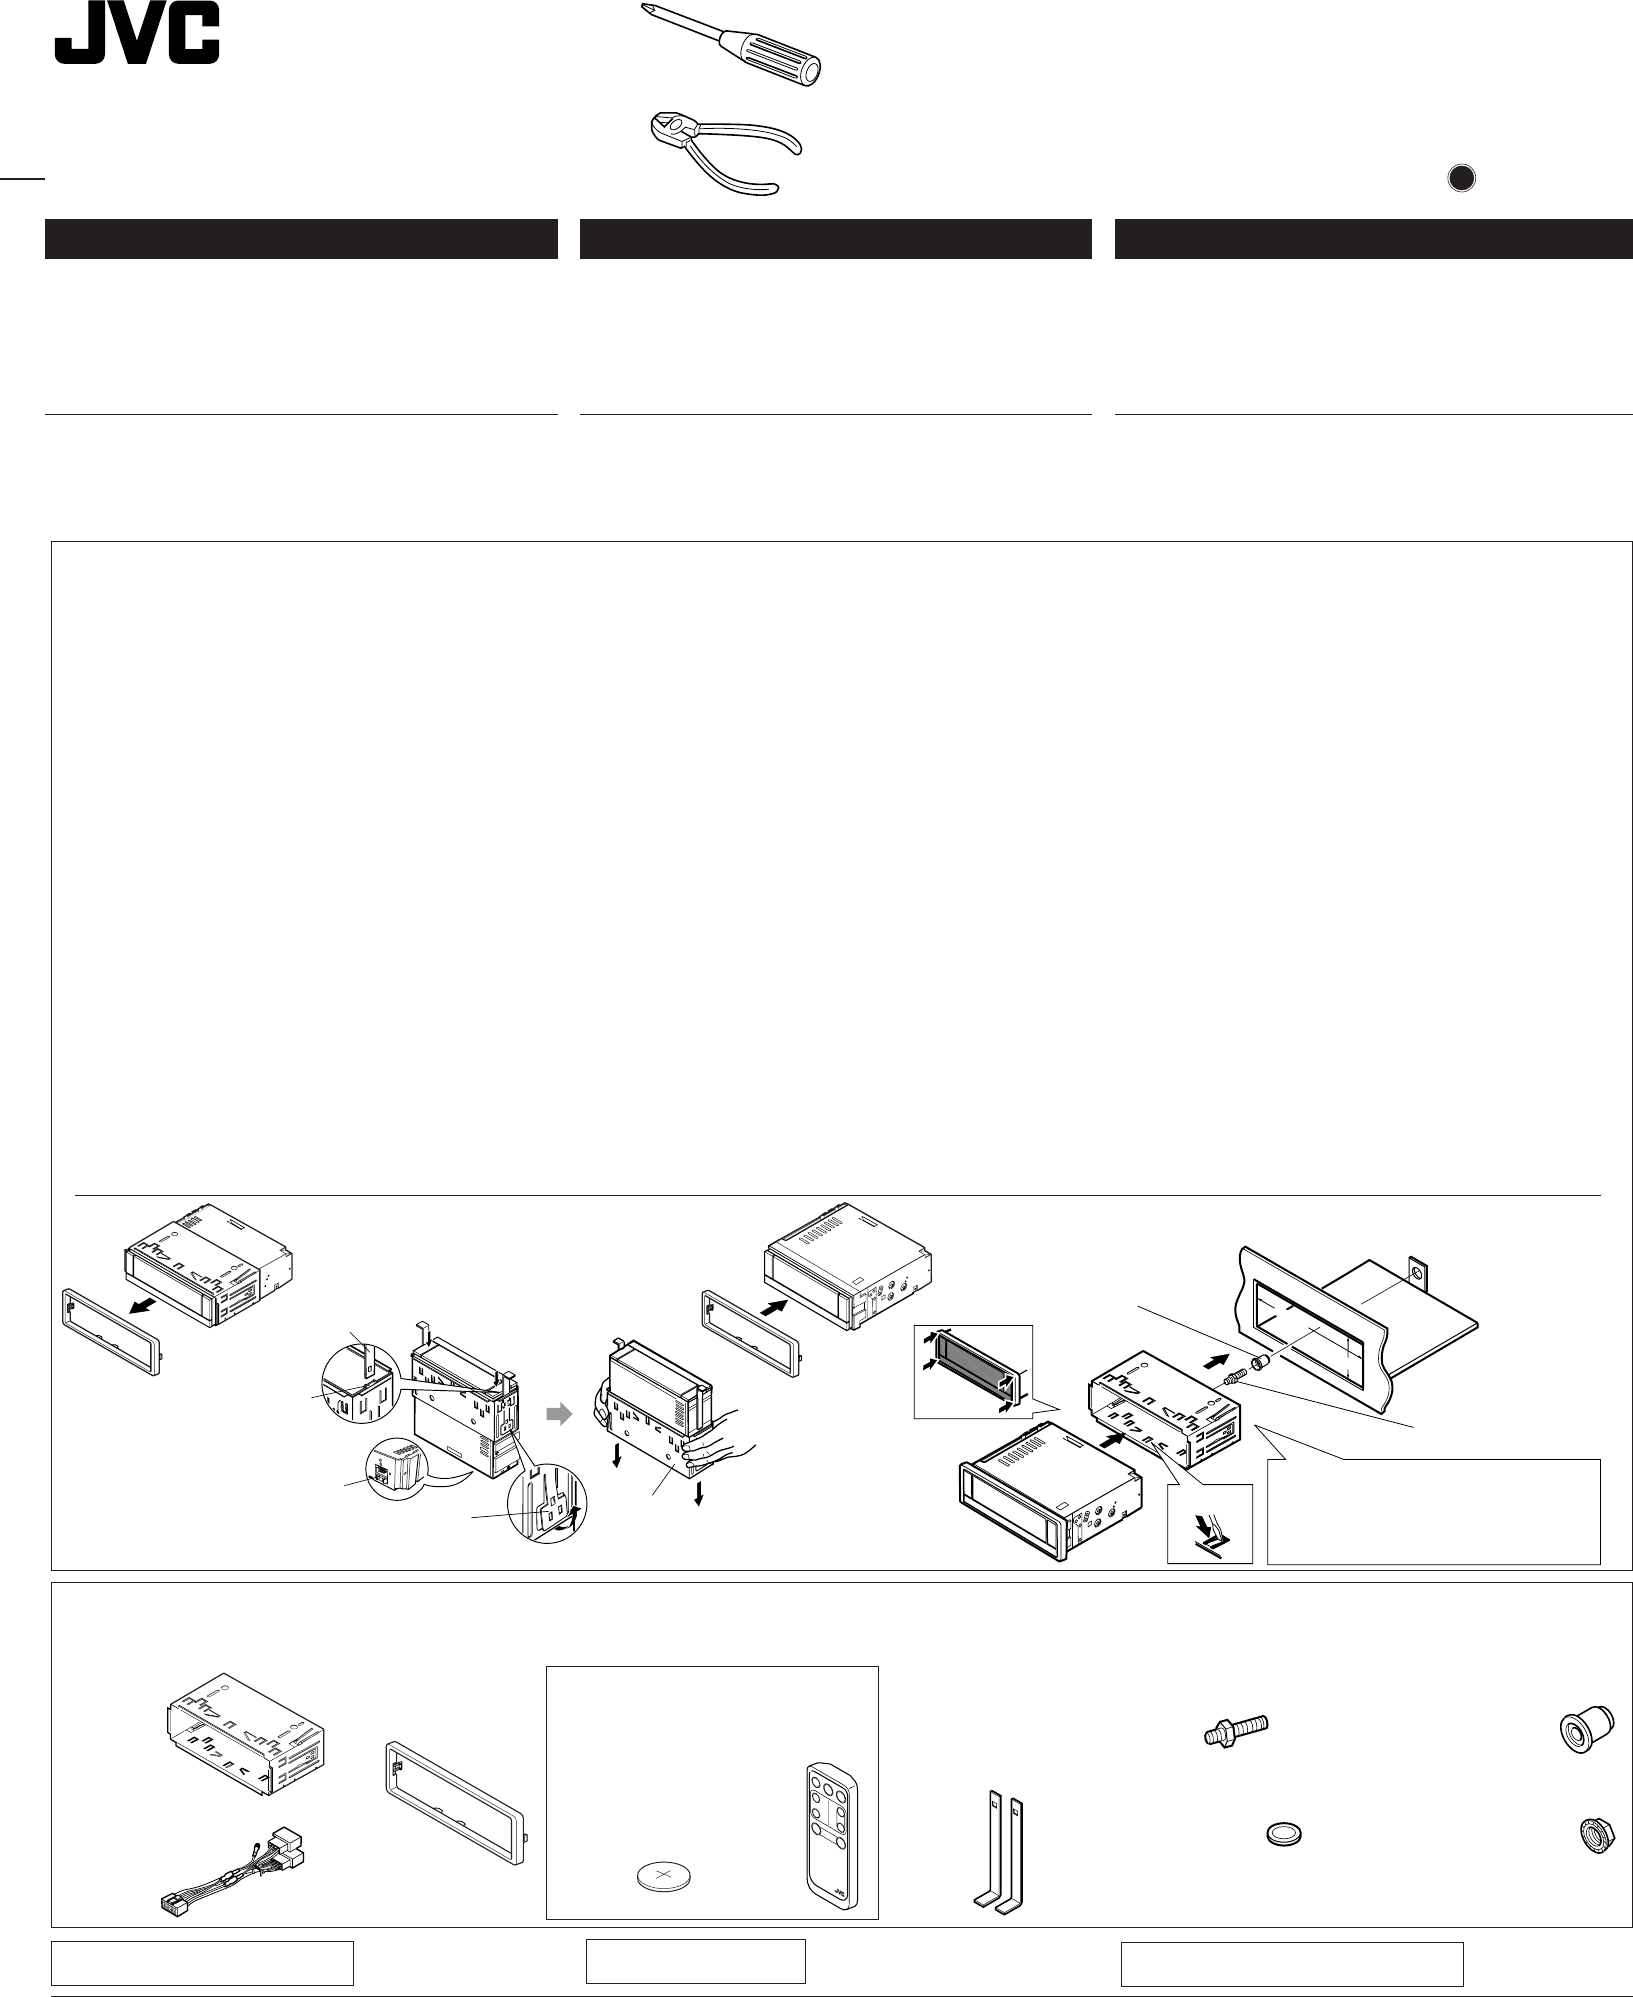 Ungewöhnlich Verkabelung Autoradio Galerie - Schaltplan Serie ...